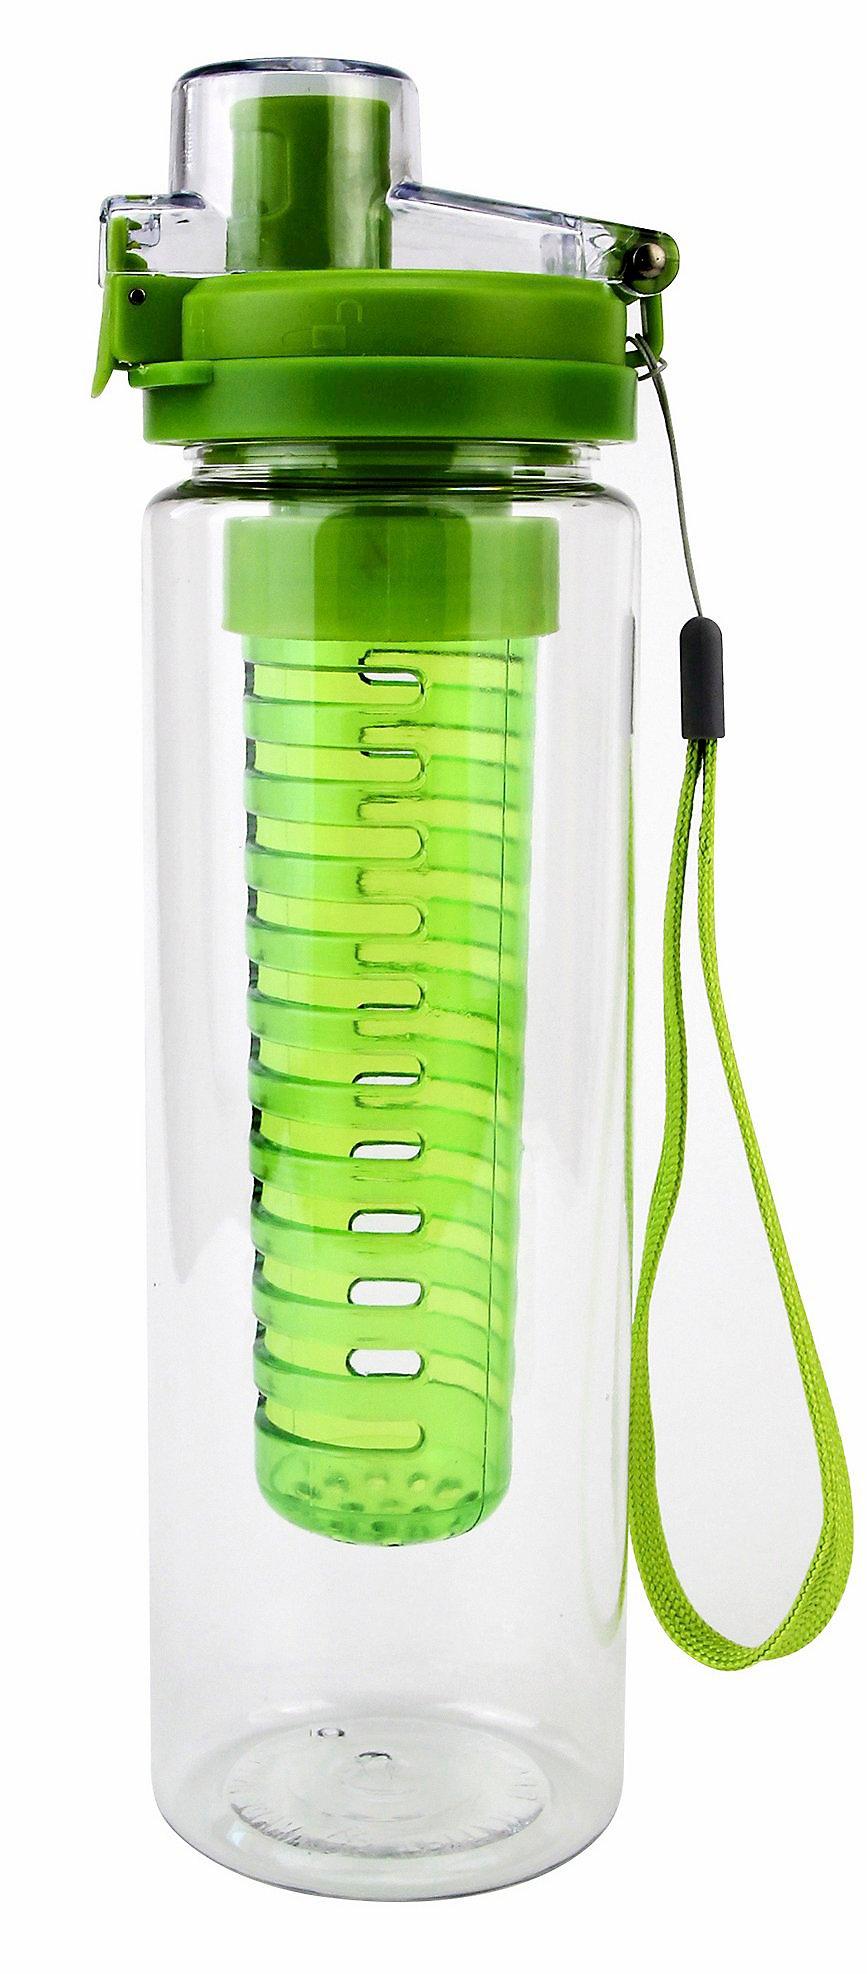 Trinkflasche Mit Aromaeinsatz Grün Bestellen Weltbildde